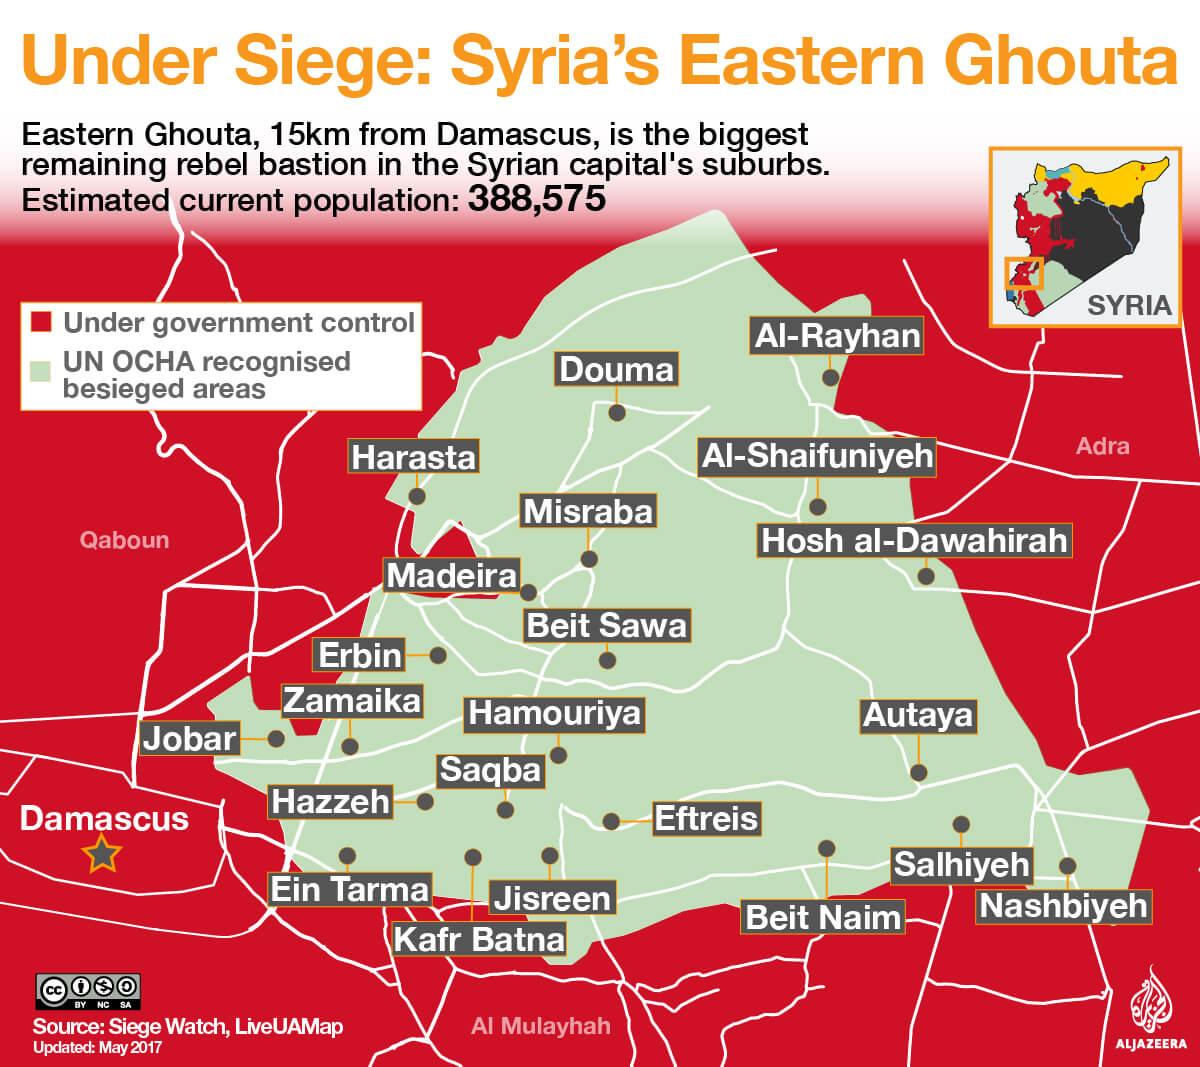 Mappa delle località assediate nella Gouta orientale (Damasco). Credits to: Al Jazeera.